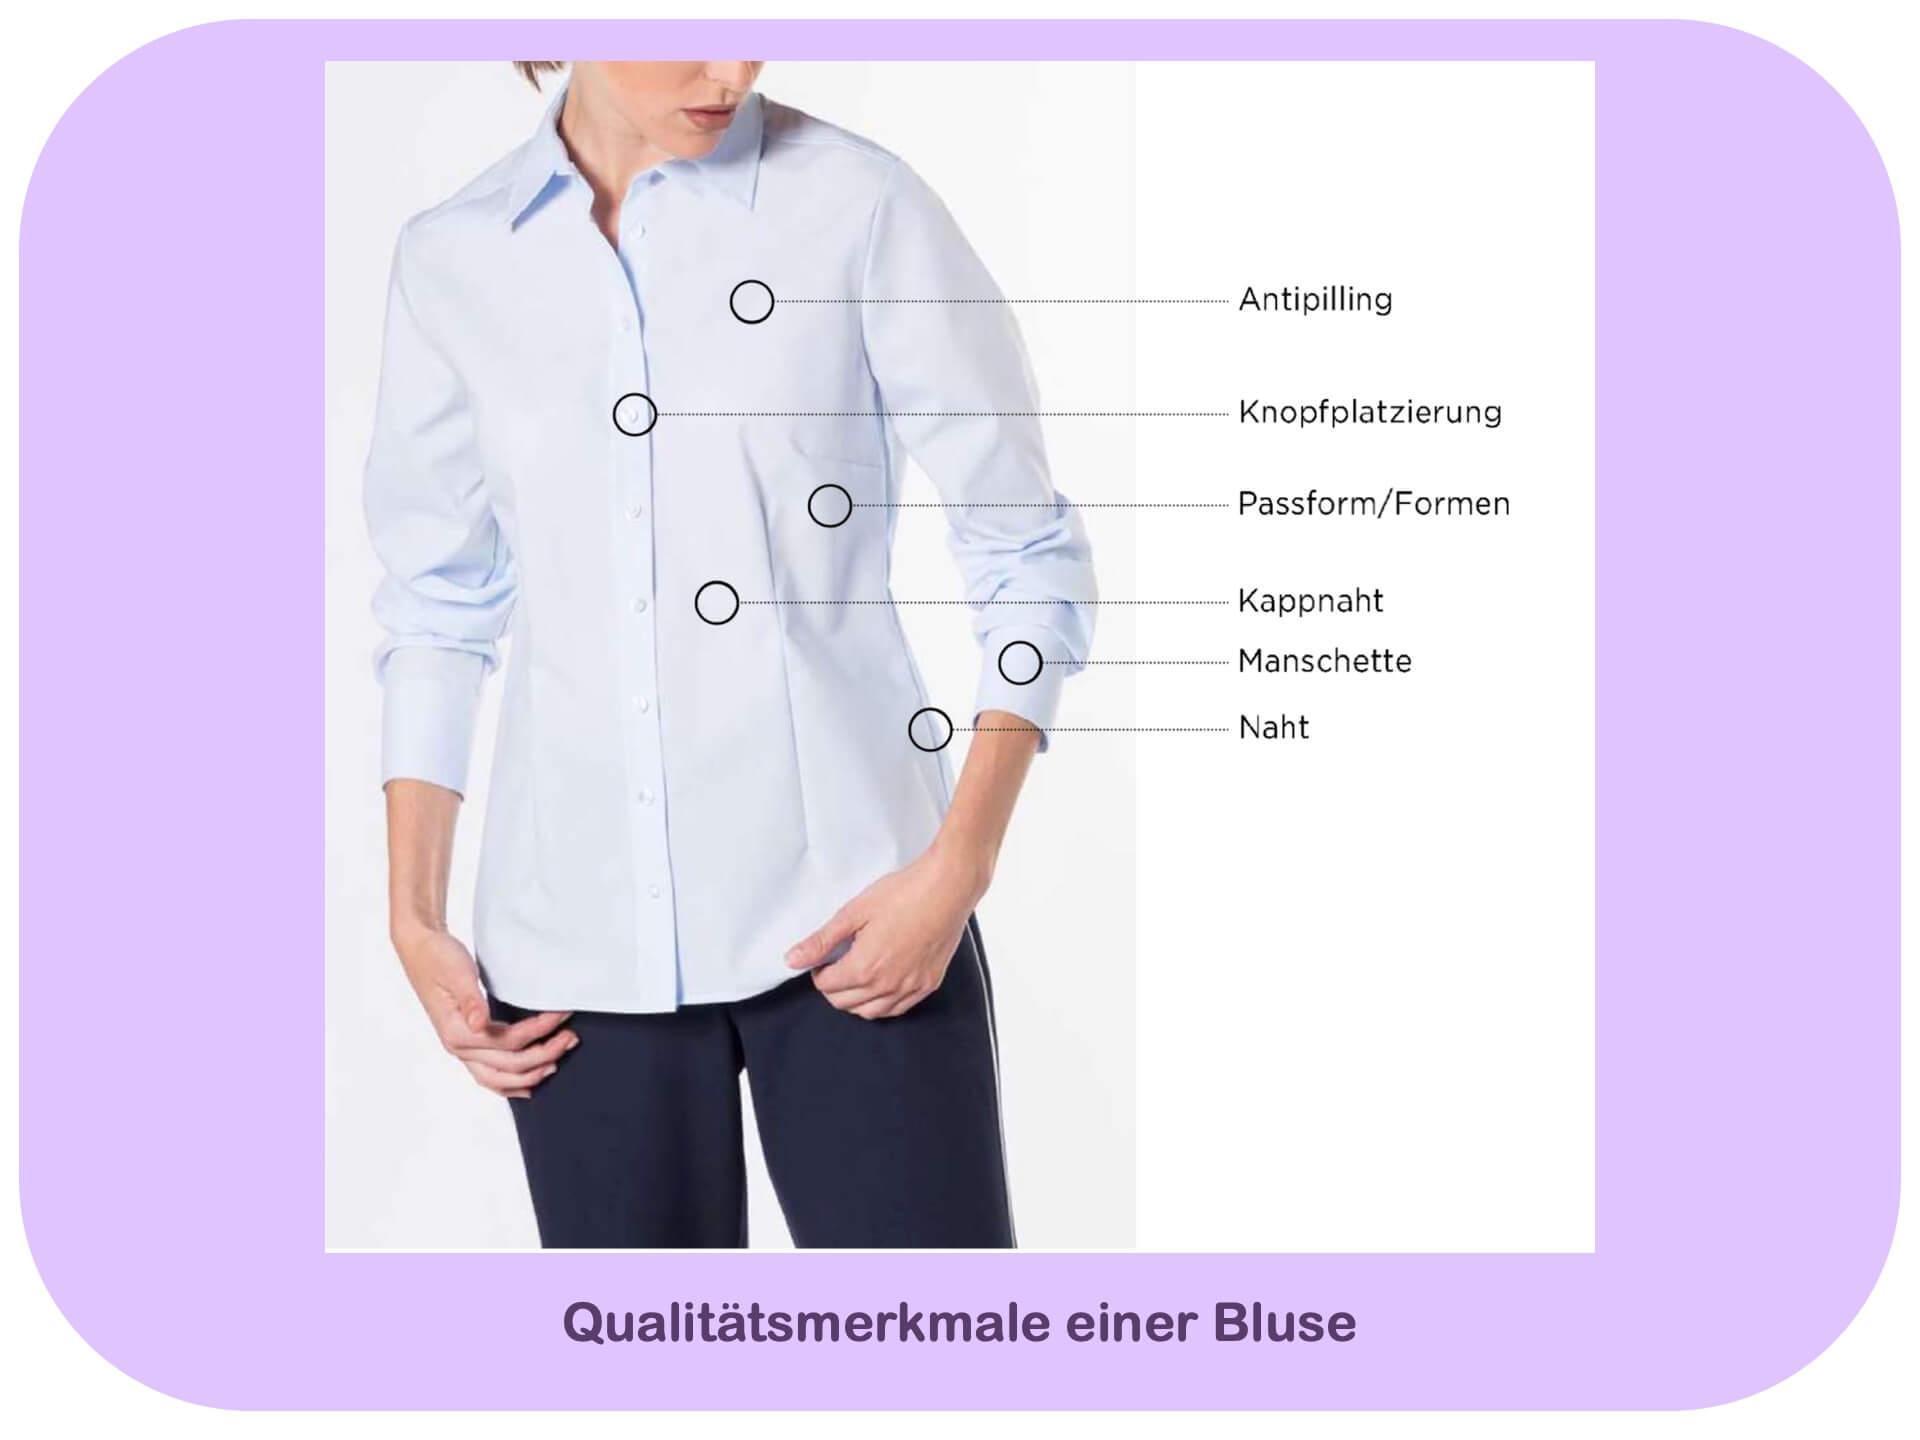 Wie erkennt man die Qualität einer Bluse? Diese Merkmale helfen.